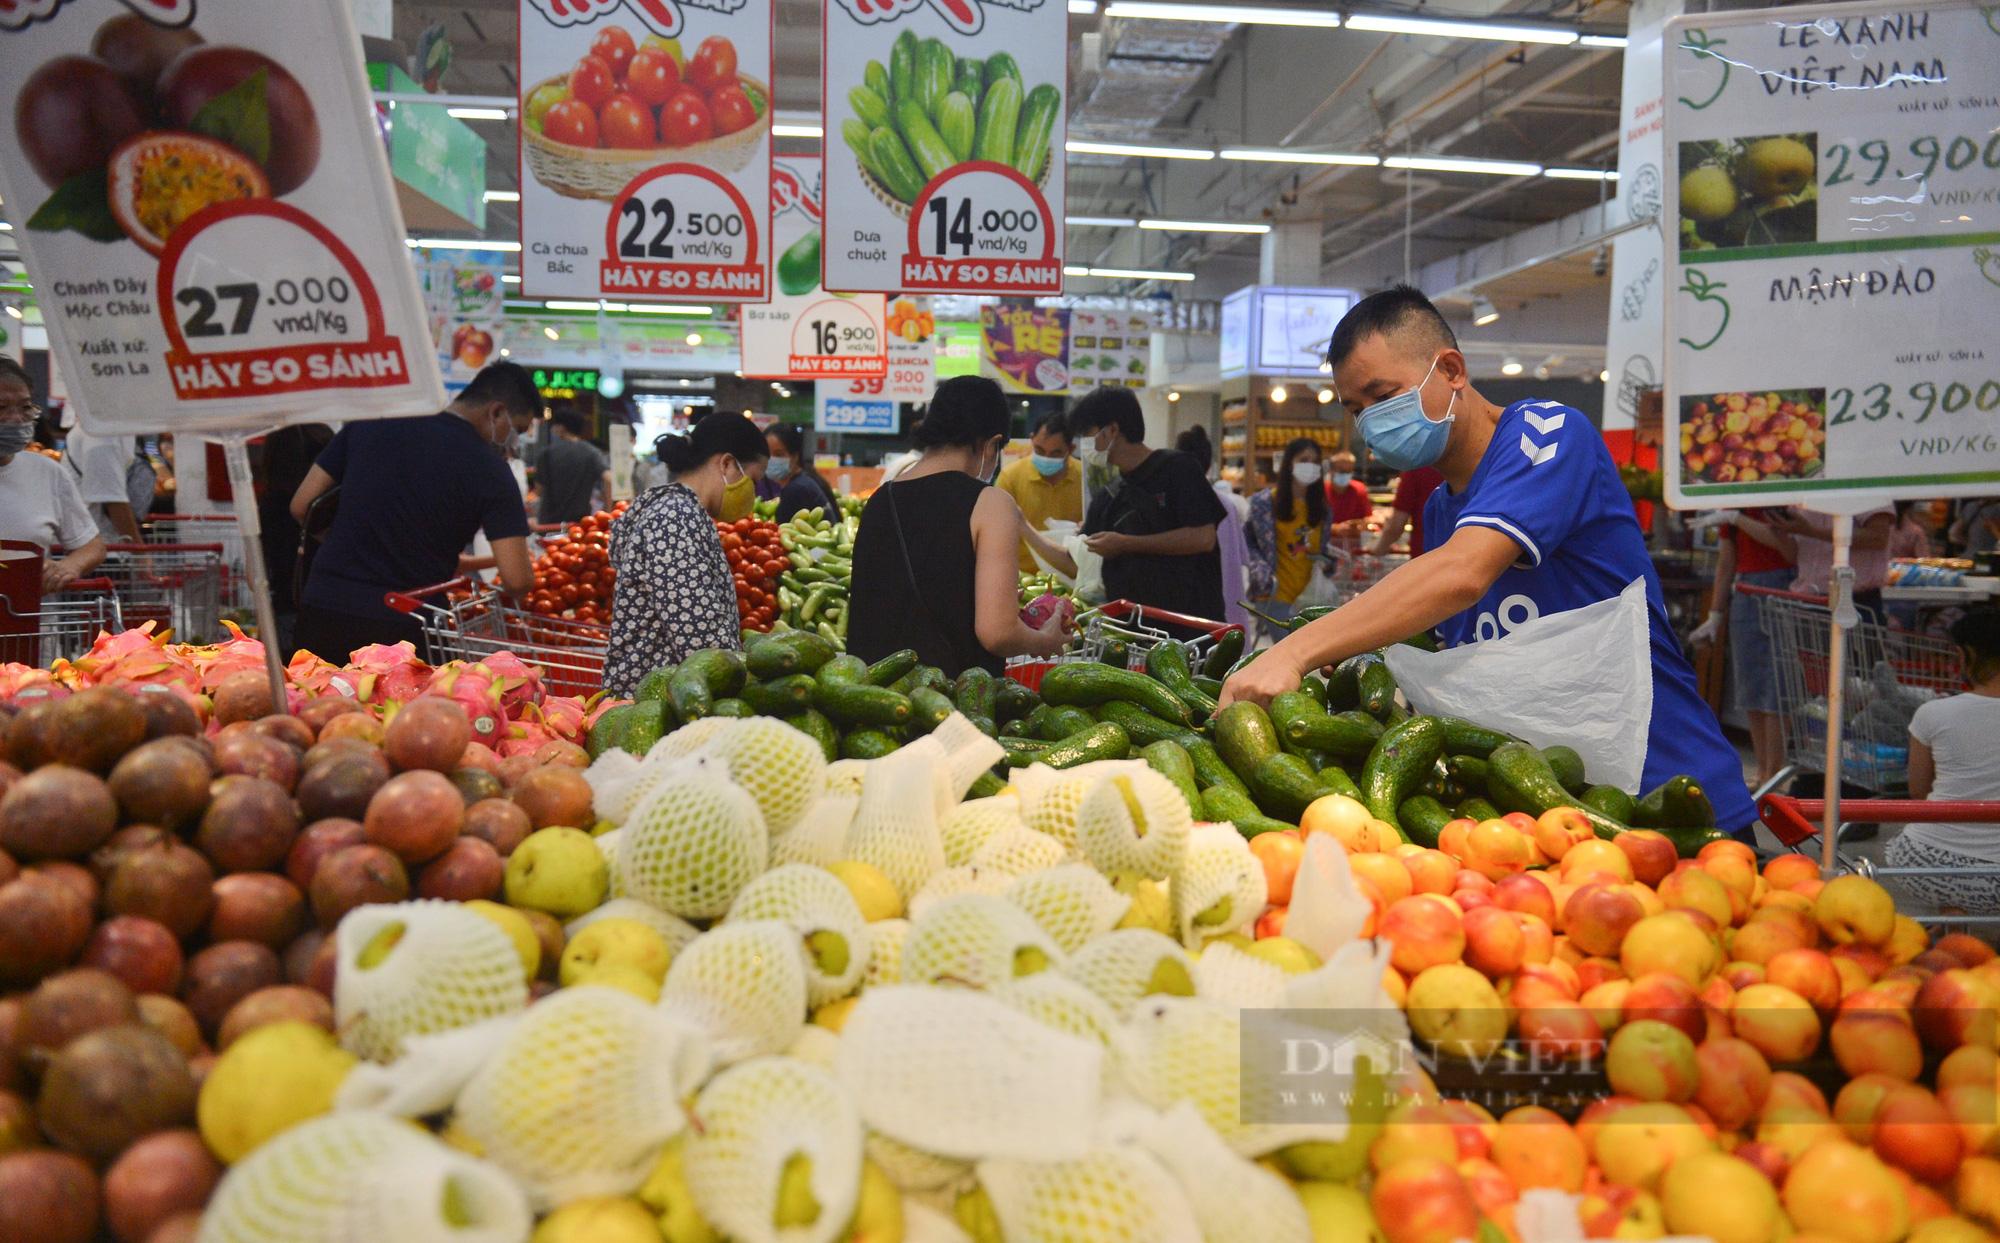 Chợ, siêu thị Hà Nội ngày đầu giãn cách xã hội: Nơi đông đúc, chốn thoáng đãng người dân thoả sức lựa chọn - Ảnh 9.